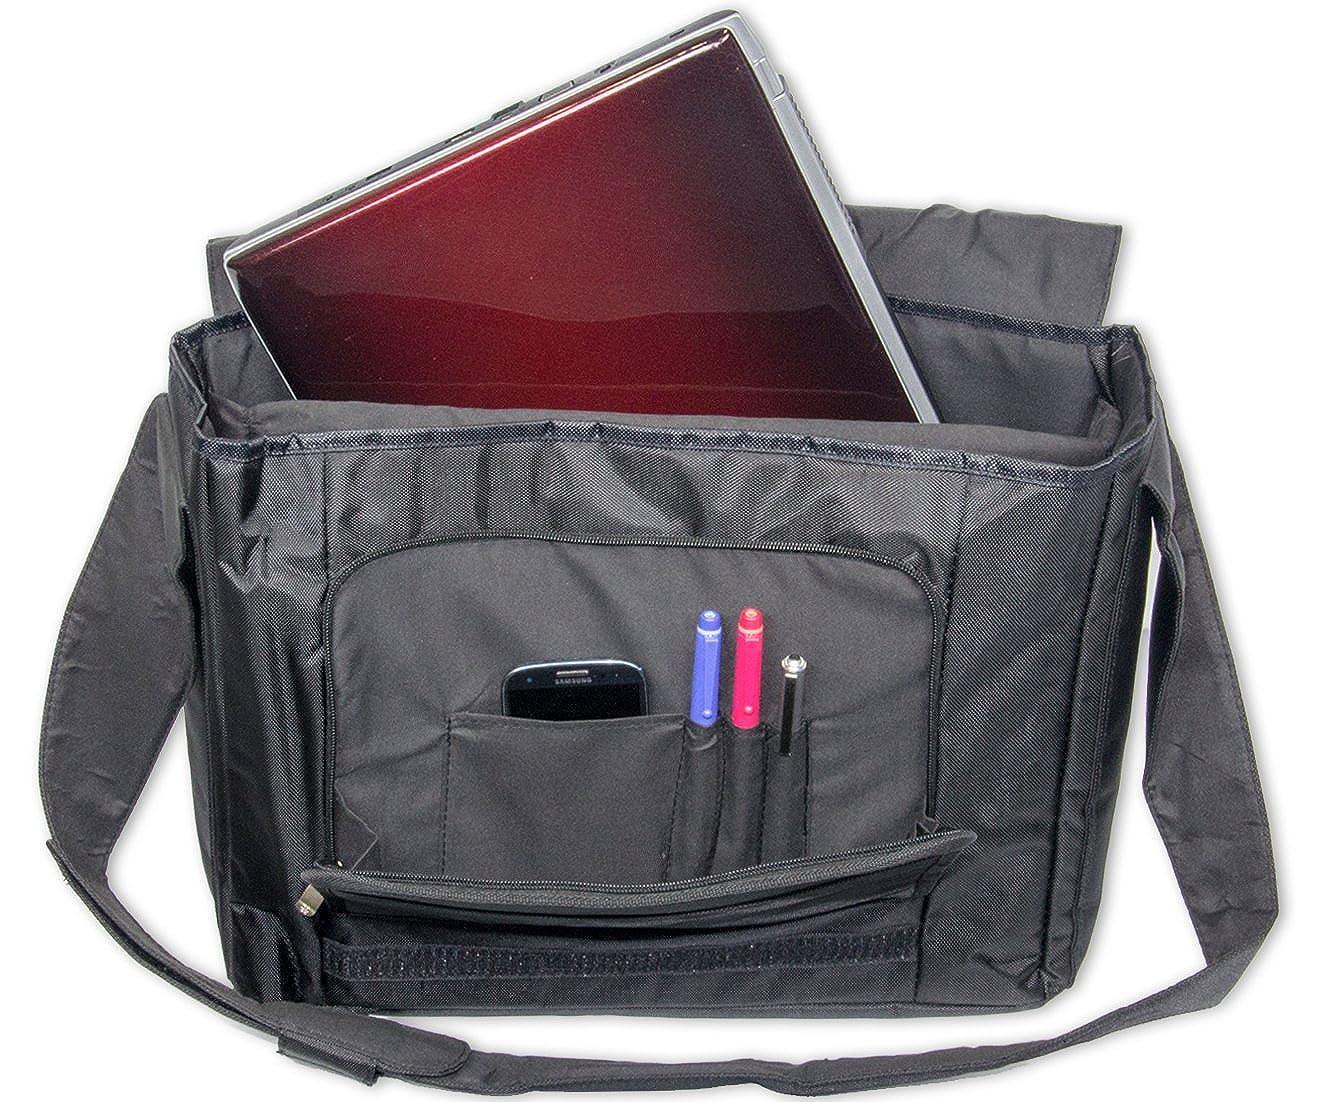 Borsa Laptop Case a Tracolla Qualità 17 Di Alta 14 Pollici z8T7qFX